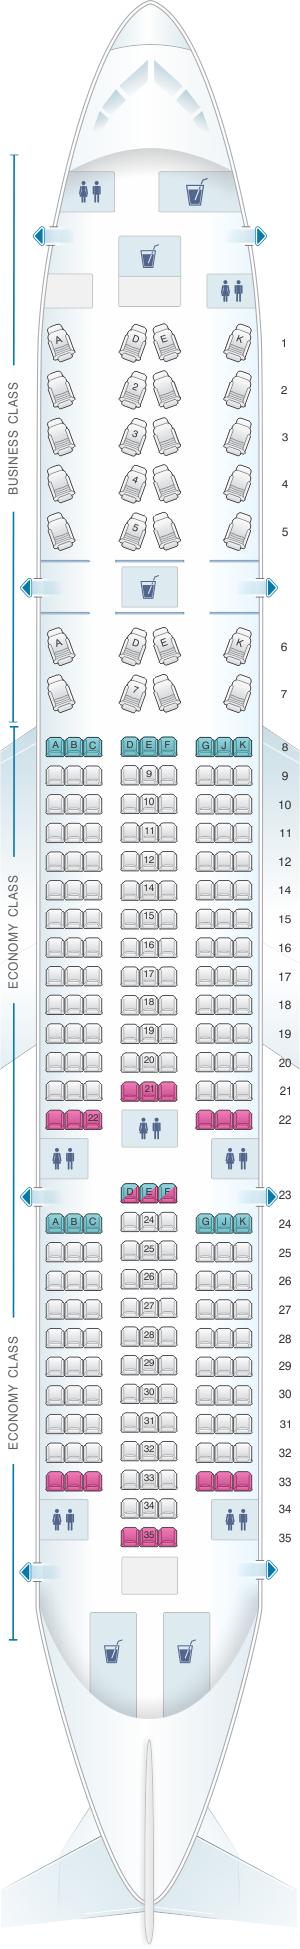 Seat map for Avianca Boeing B787 Dreamliner